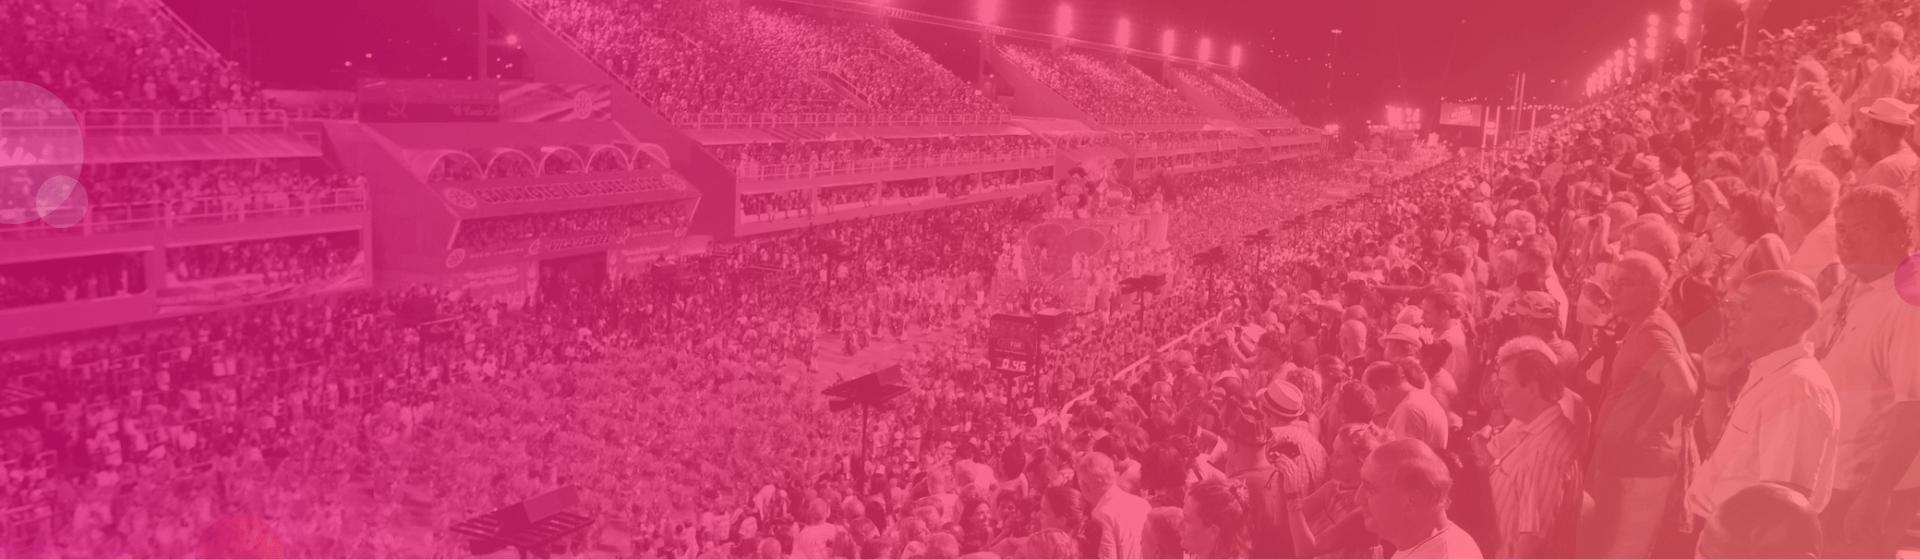 Carnaval de Rio 2022